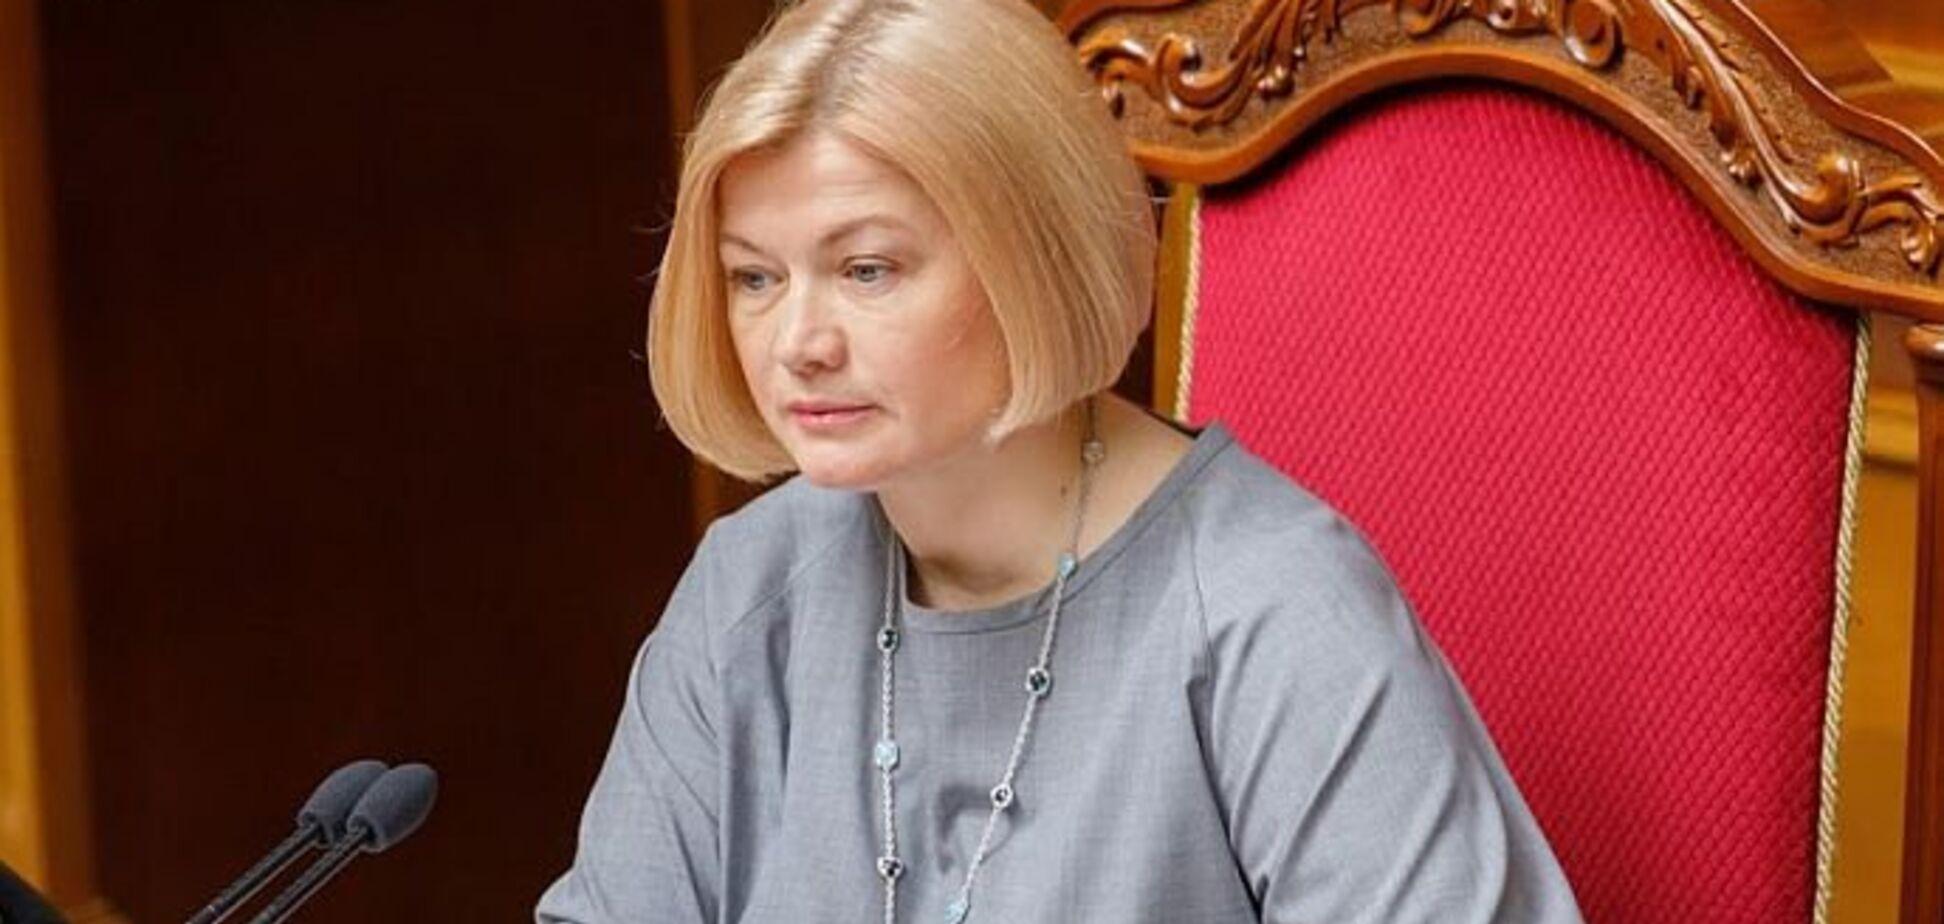 Сховалася за колону: Геращенко потрапила у скандал із прикрасами в Раді. Відео, фото та подробиці